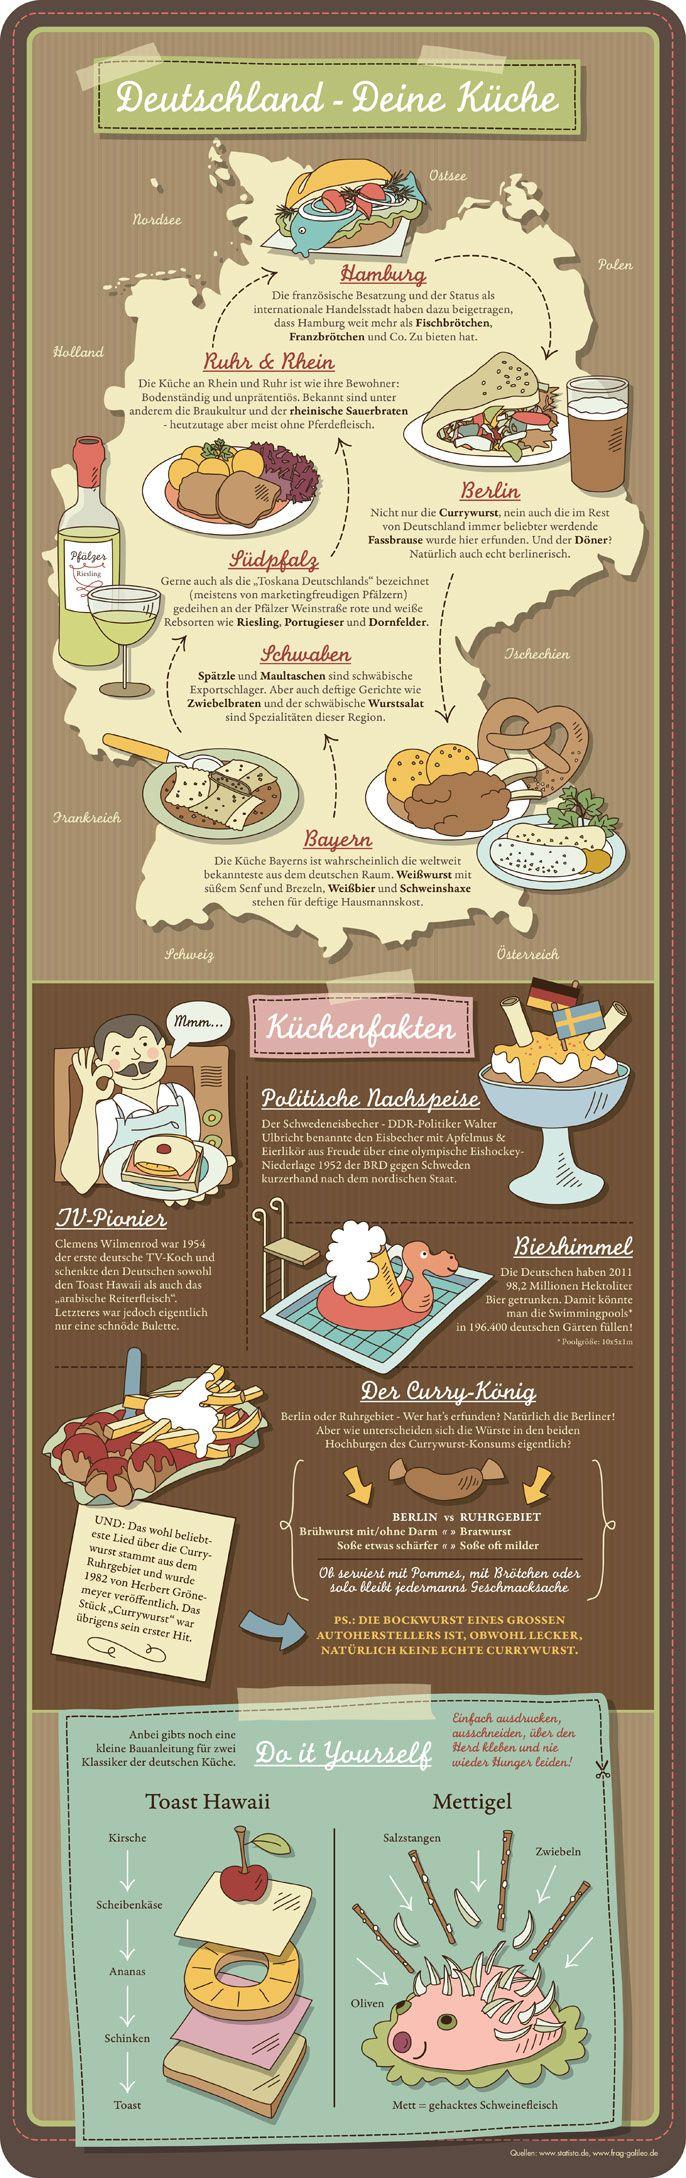 Deutschland Deine Küche - Mo Büdinger Grafik & Illustration